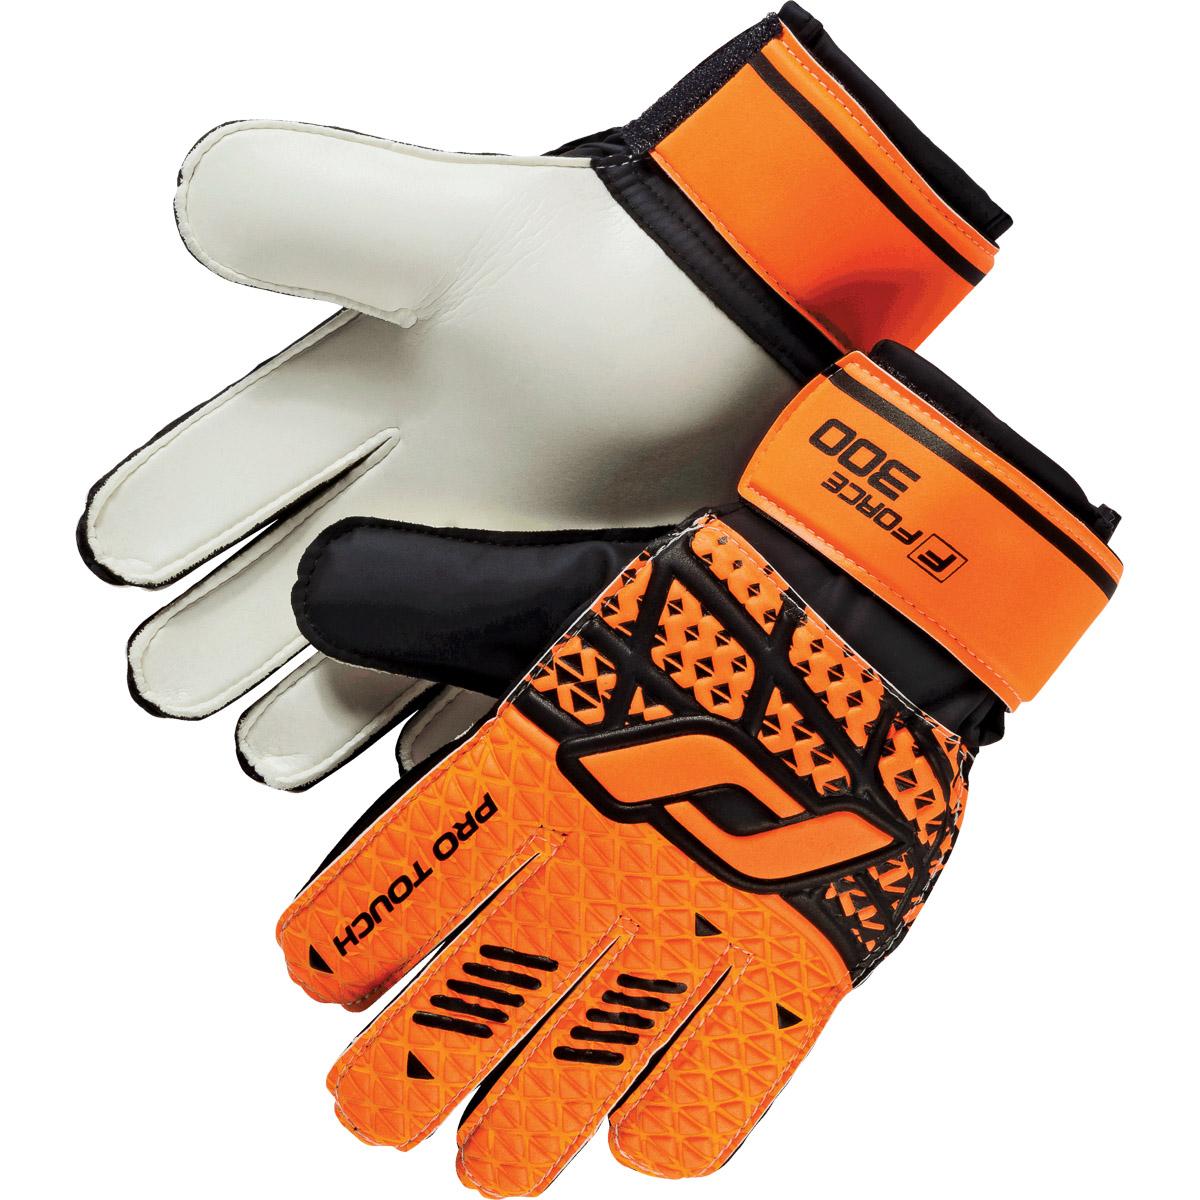 Pro Touch FORCE 300 AG, moške nogometne rokavice, oranžna